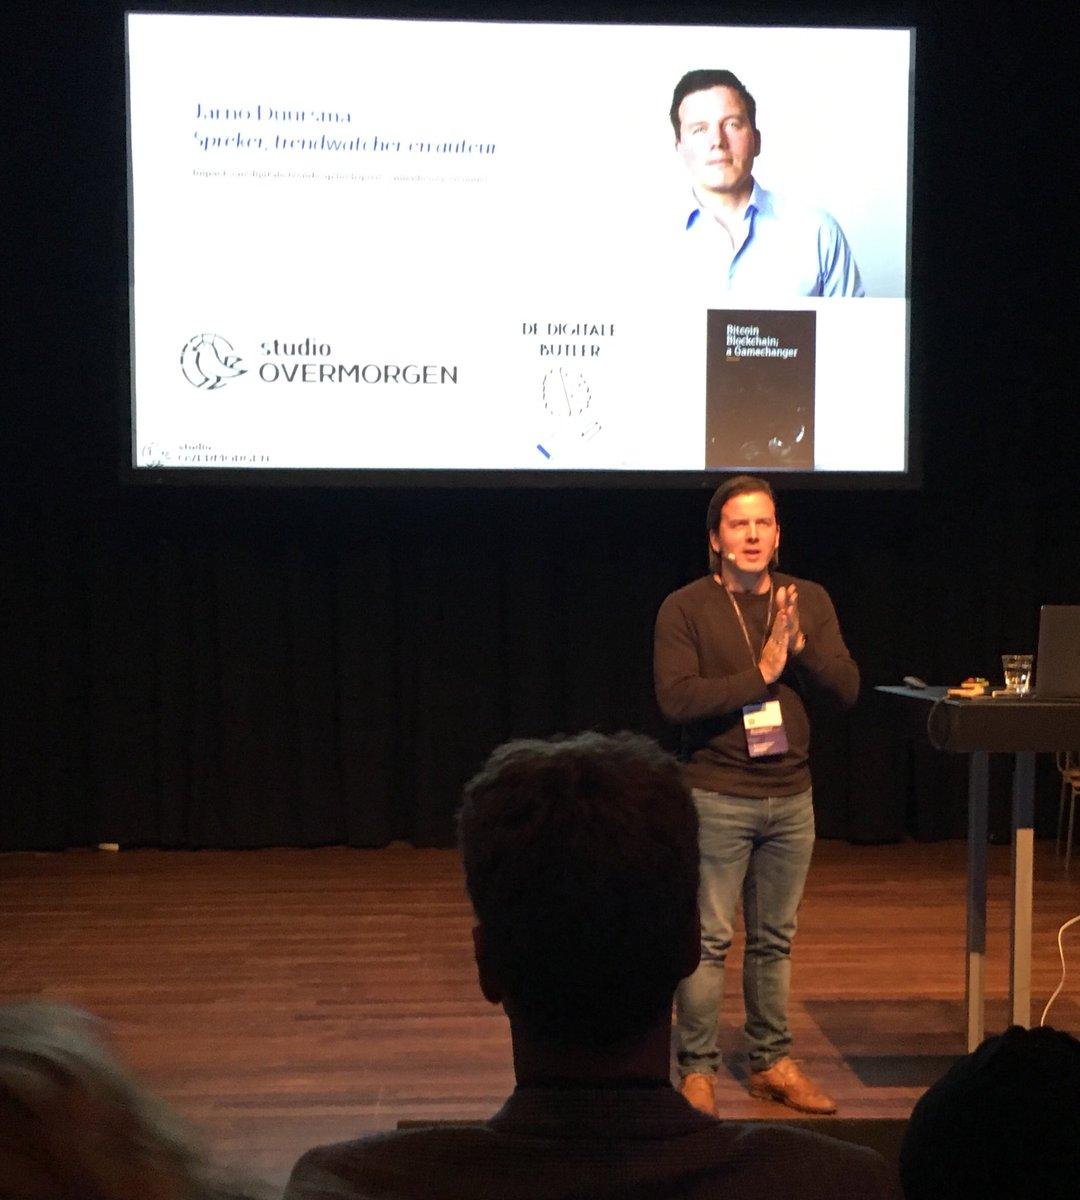 Web accessibility live. Nu al een geslaagde dag. Inspirerende Keynote spreker #jarnoduursma. En wat betekent de wet digitale overheid voor ons als overheid voor de toegankelijkheid van onze websites en apps. #wal2018ams https://t.co/Xlga4qK2O6